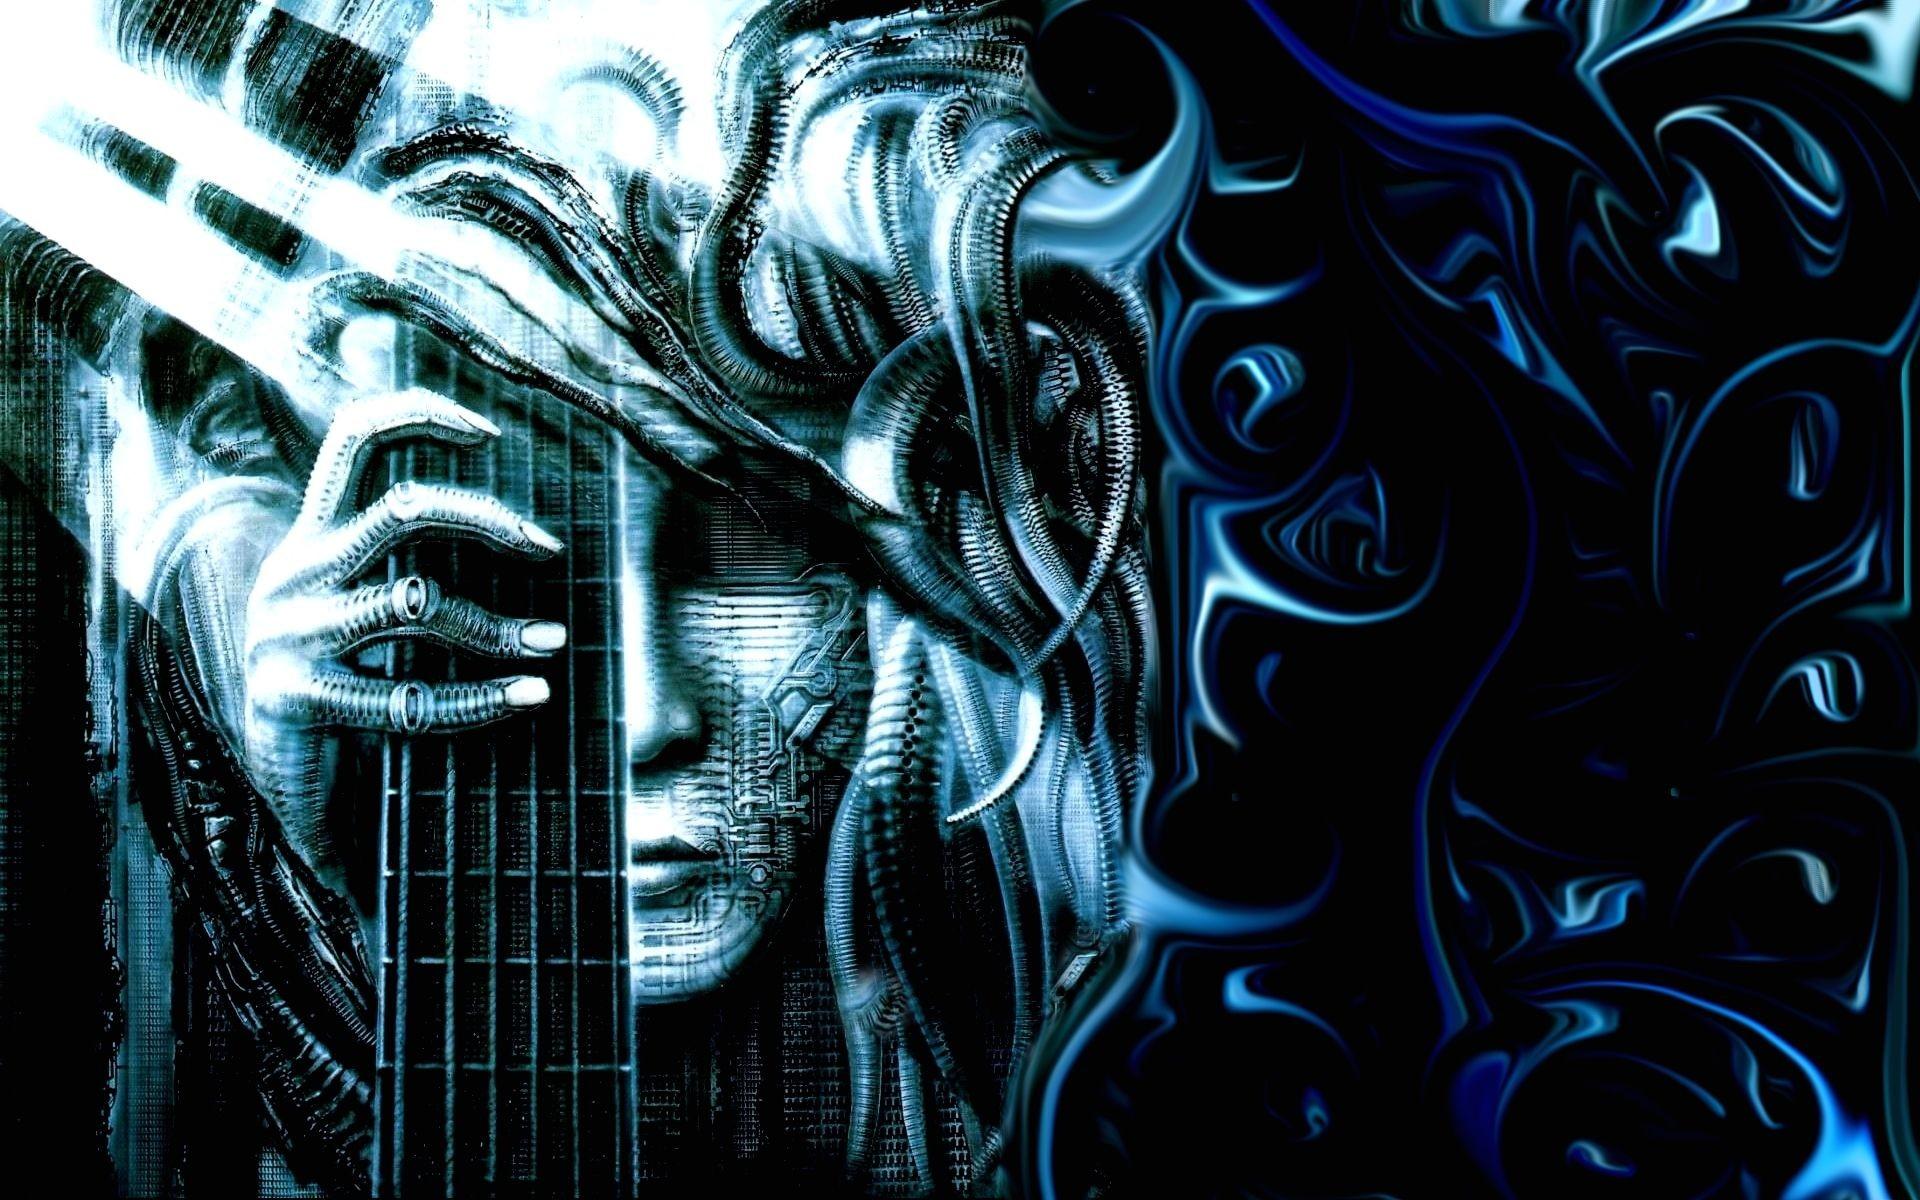 Music – Steve Stevens & The Atomic Playboys Wallpaper